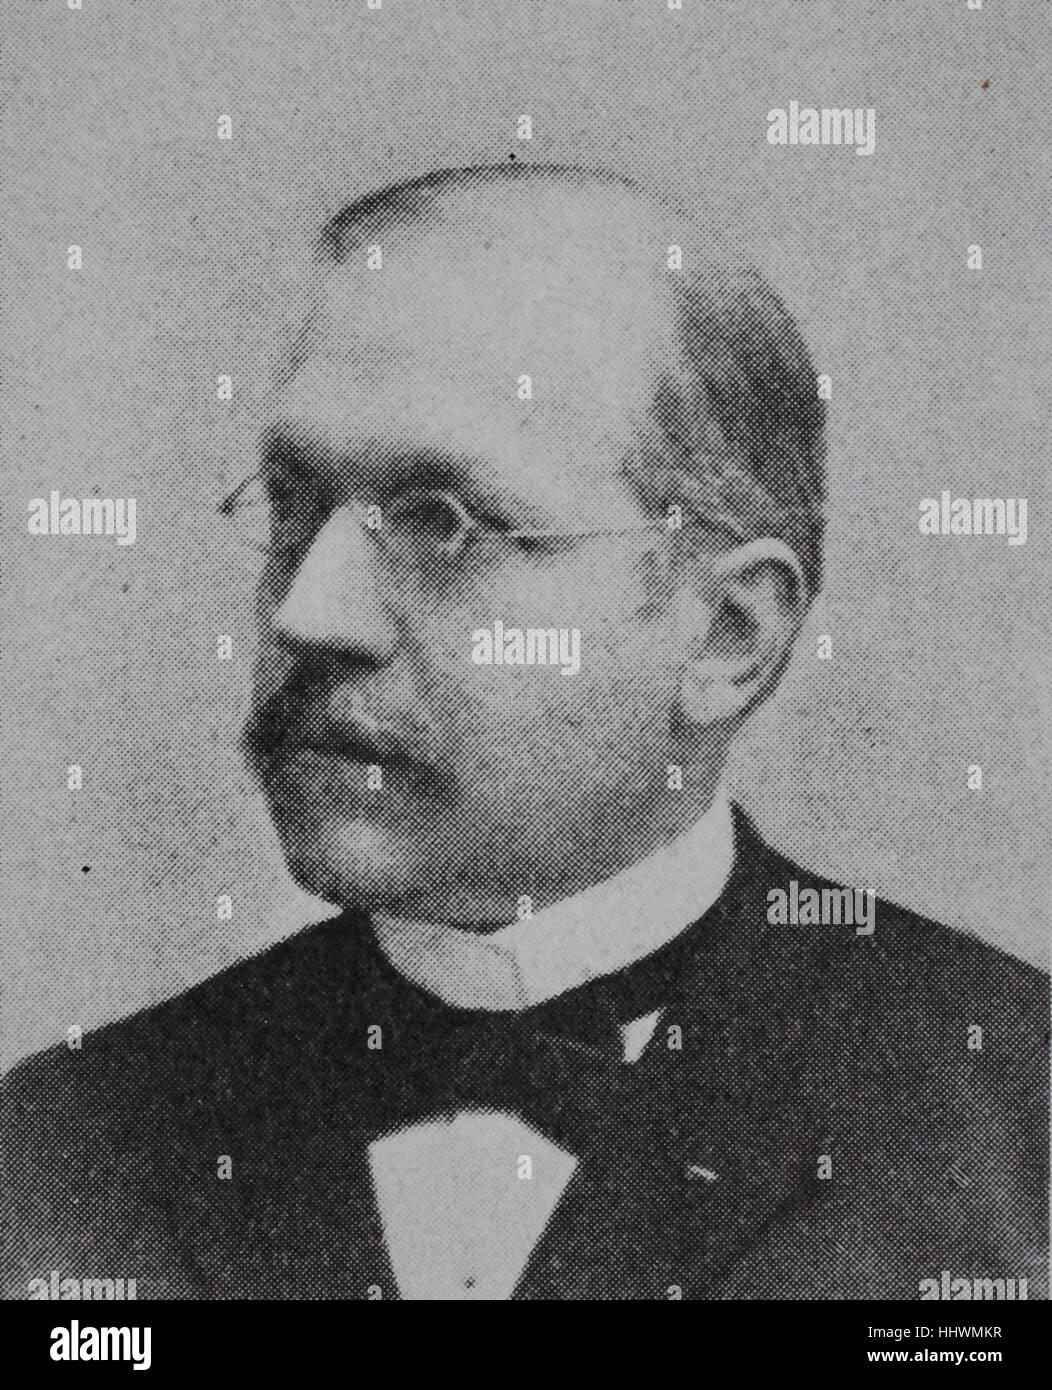 Josef Forster, 1844 - 1910, german doctor and hygiene scientist, historical image or illustration, published 1890, - Stock Image